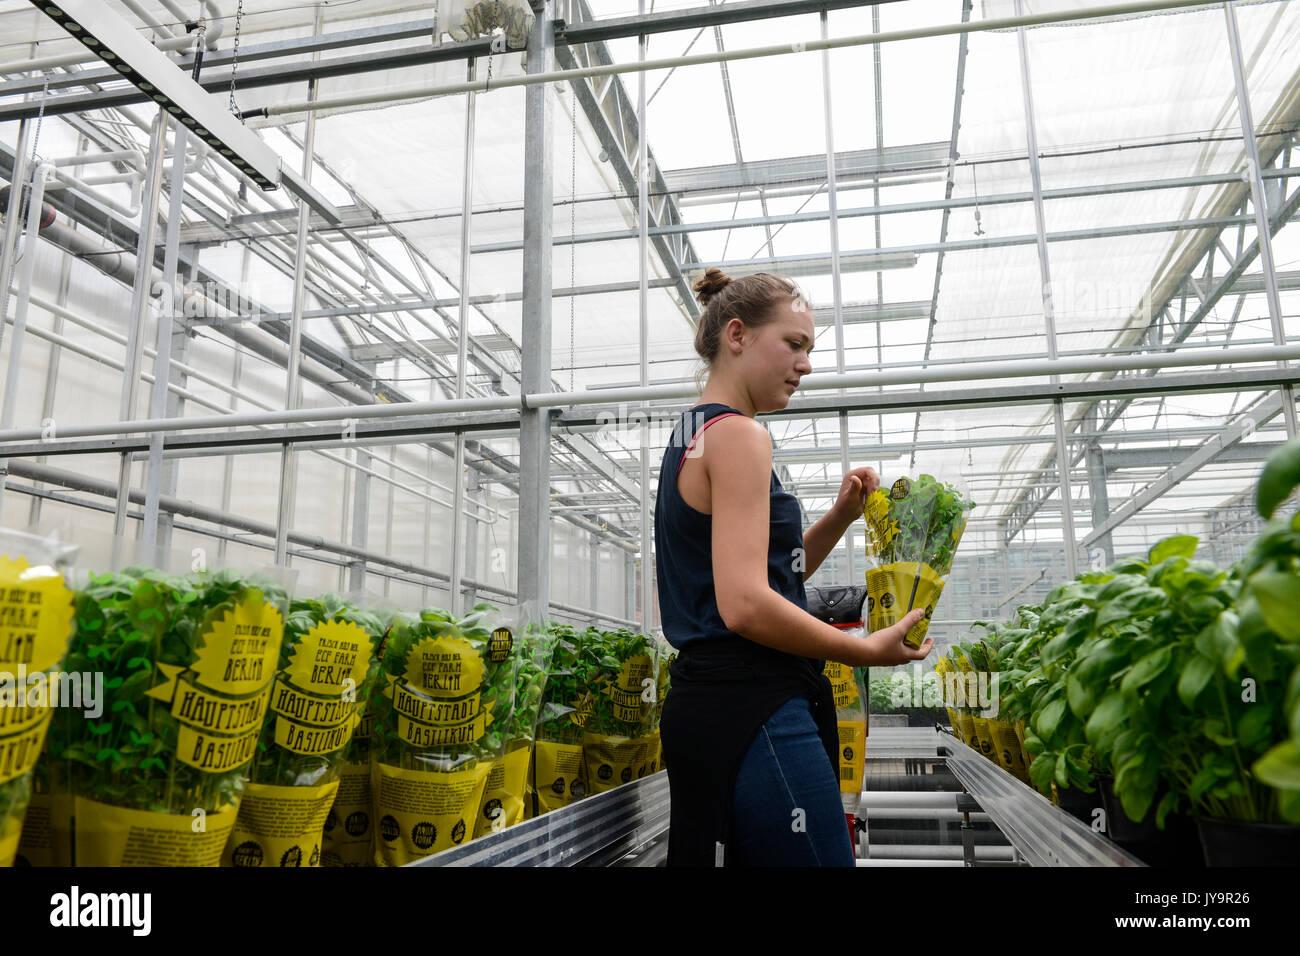 Deutschland, Berlin, kombinierten Basilikum und Tilapia-fisch Bauernhof von Start up ECF, der Fischzucht mit grüne Stockfoto